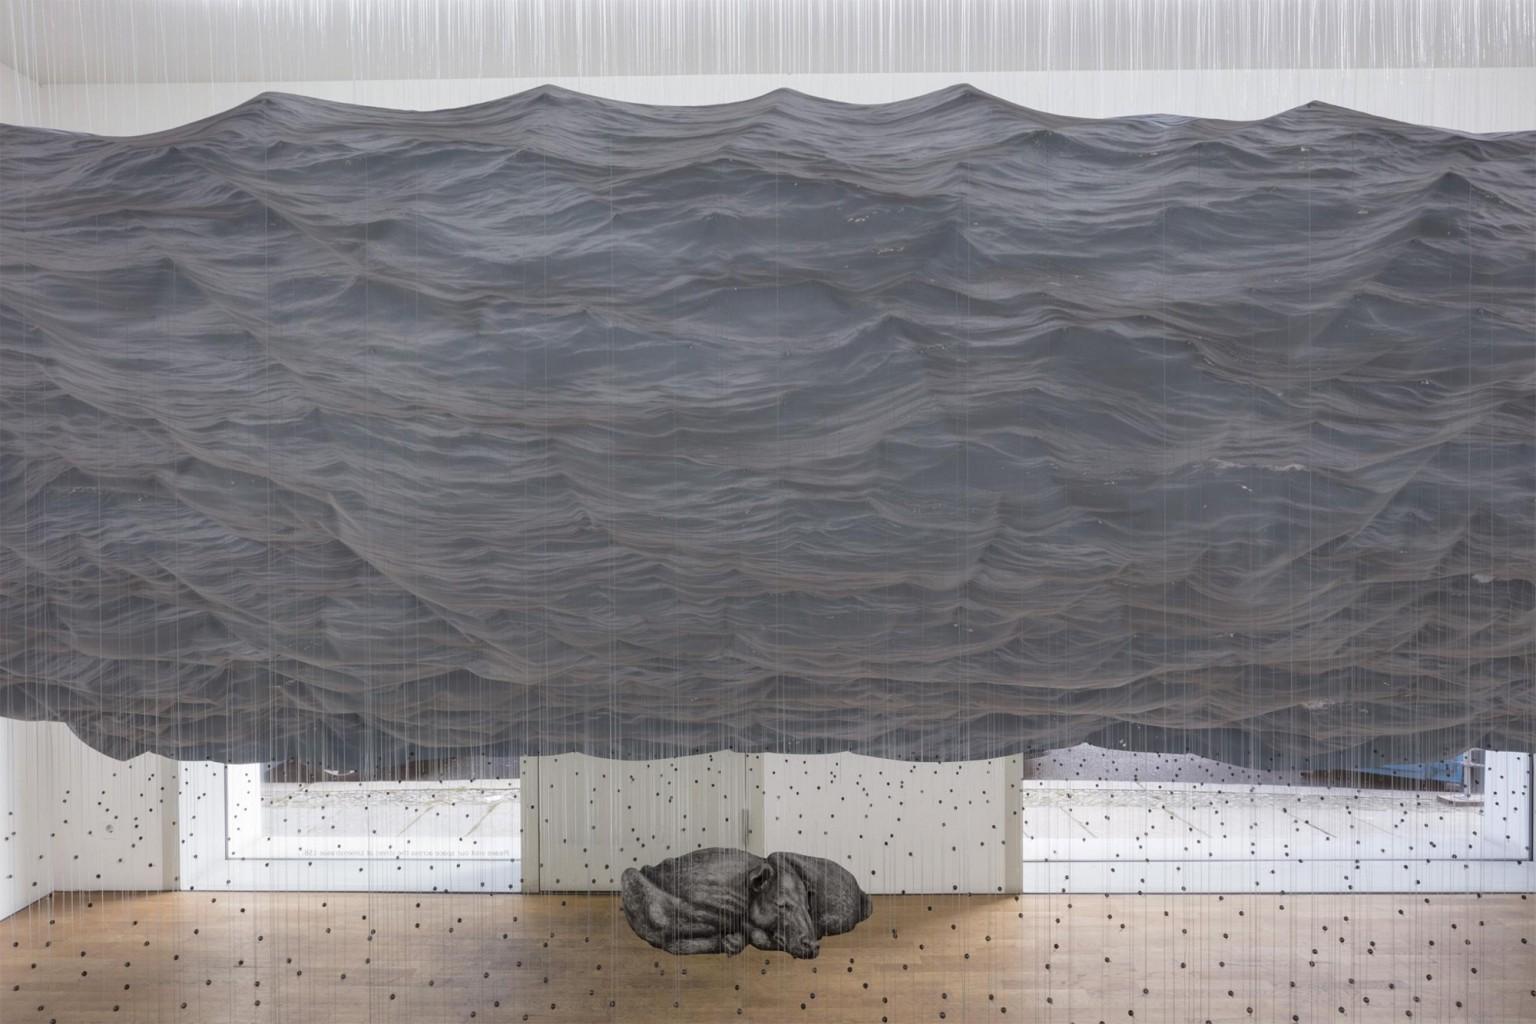 Le onde oceaniche sospese di Miguel Rothschild | Collater.al 3